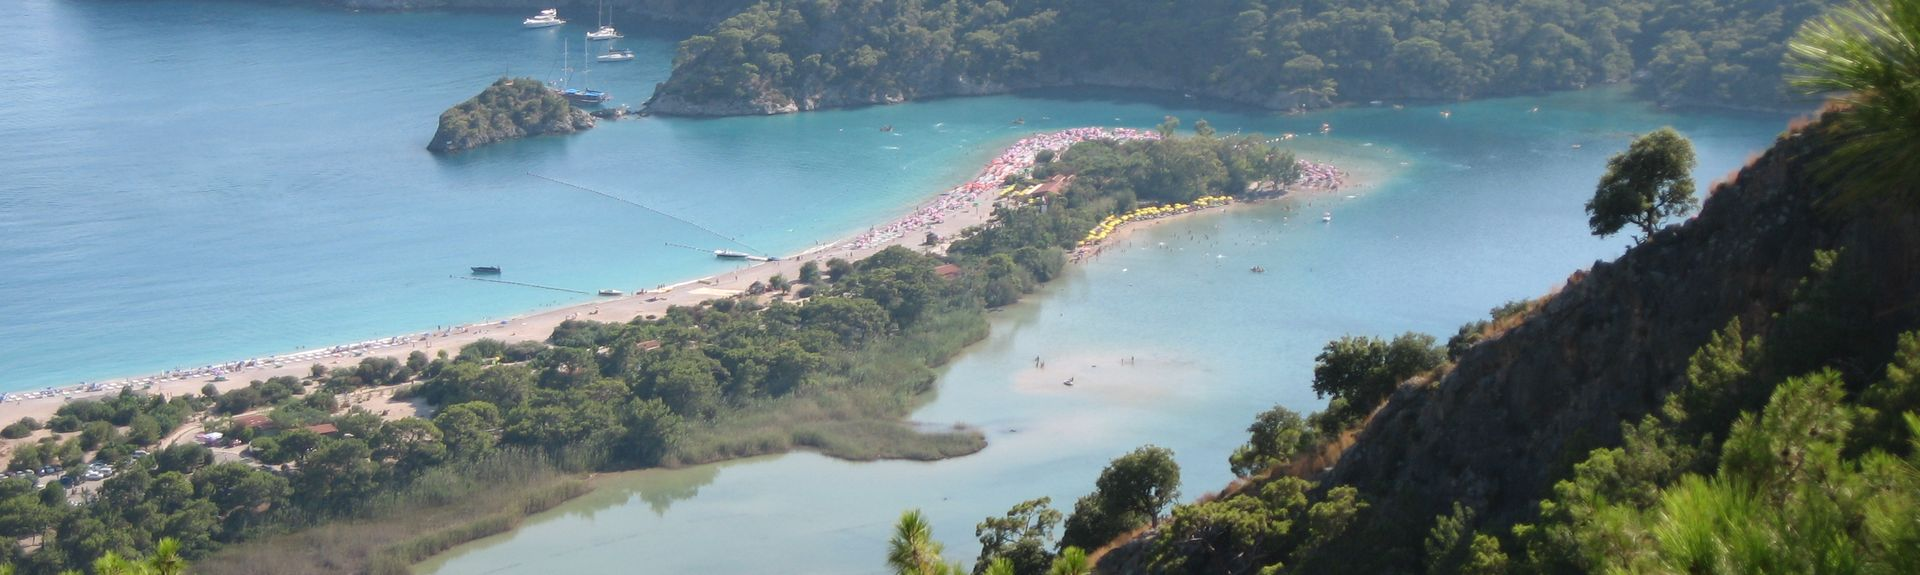 Calis Beach (Spiaggia), Distretto di Fethiye, Provincia di Muğla, Turchia